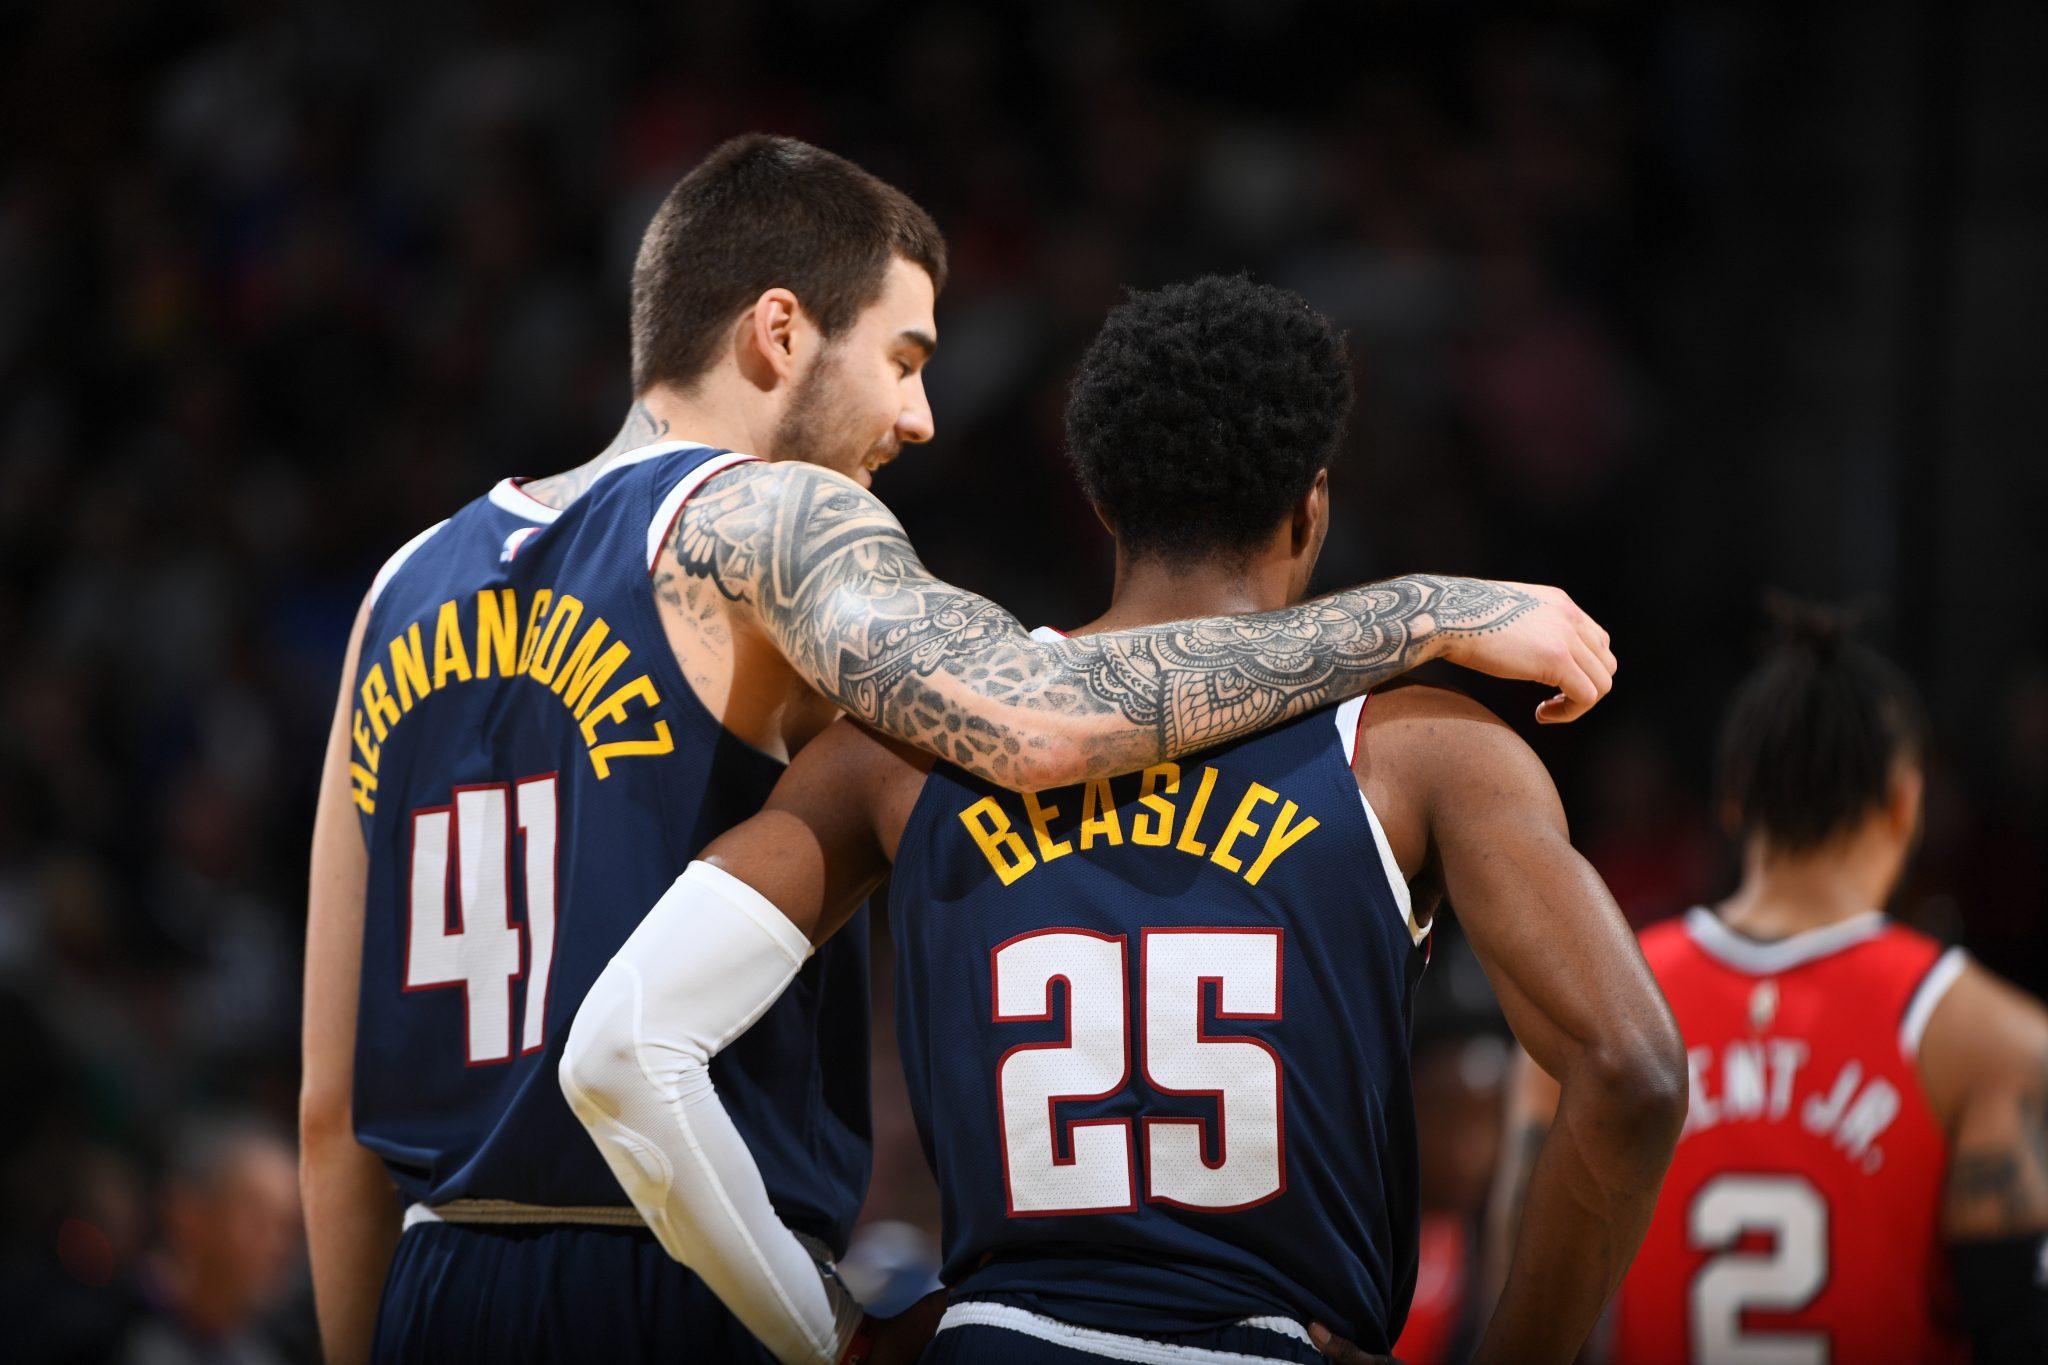 Traspaso a 4 bandas en la NBA: Juancho Hernagómez, rumbo a los Wolves. Explicamos el movimiento…